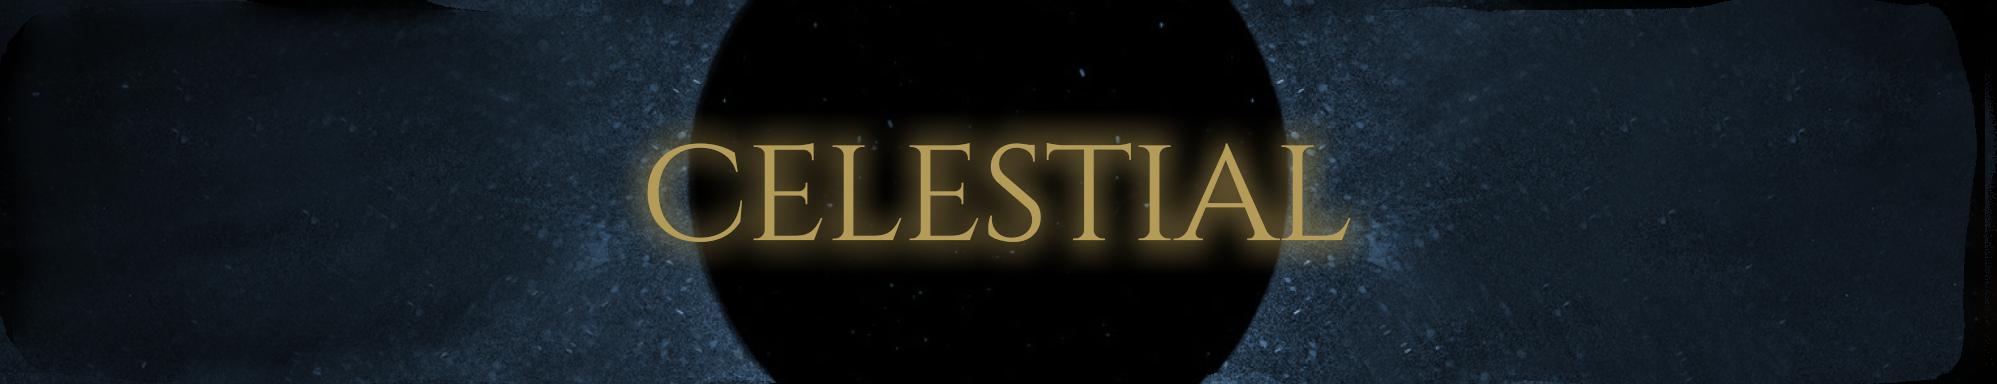 FRIDA. Celestial Banner.